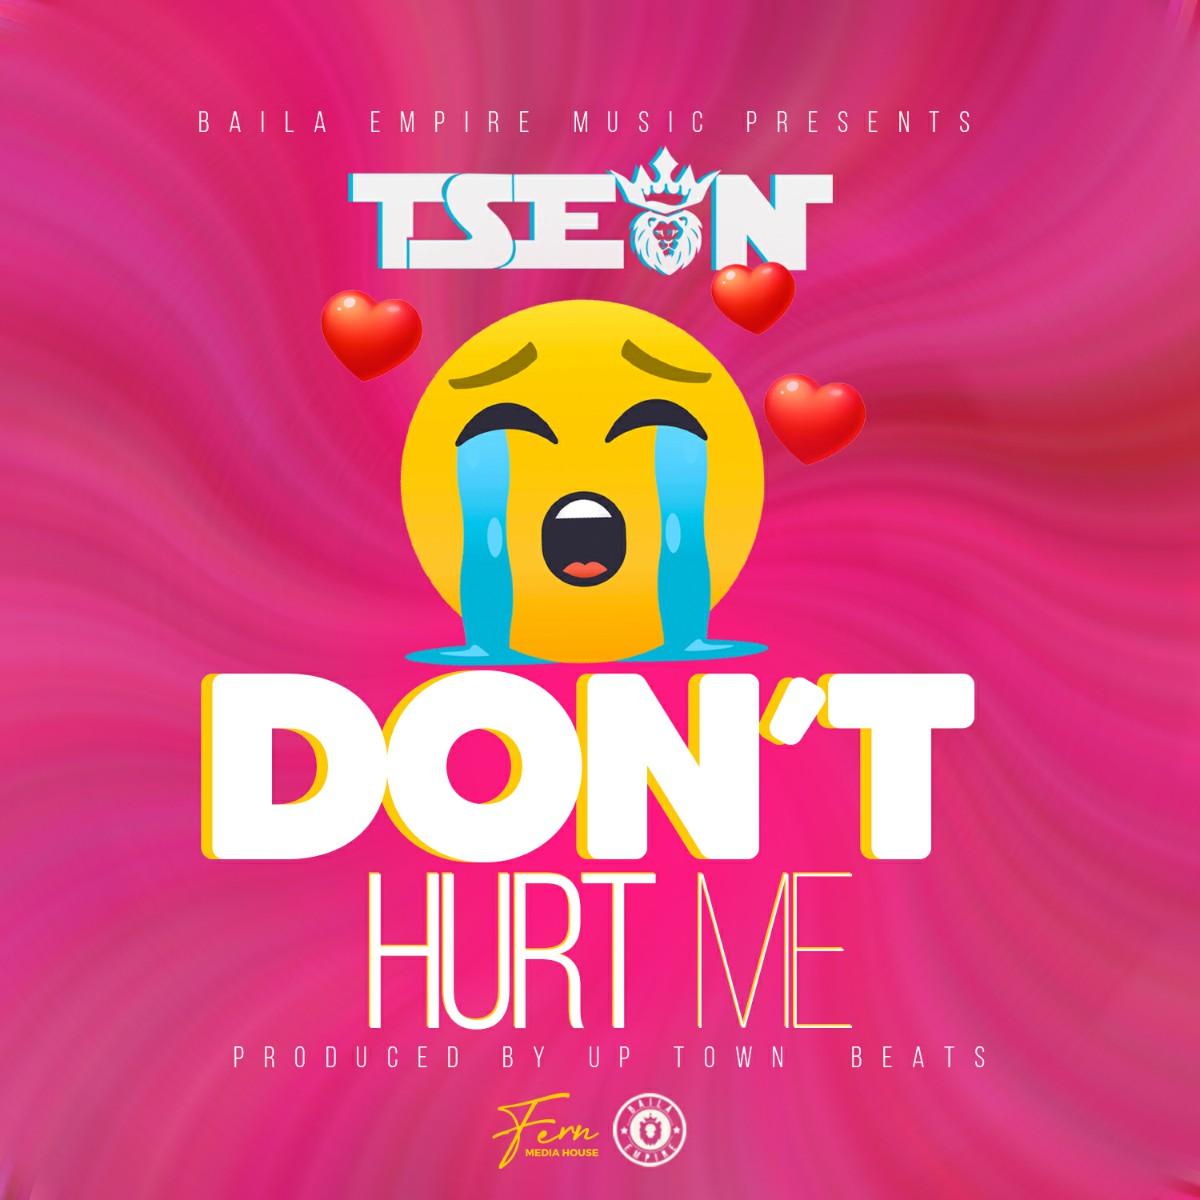 T-Sean - Don't Hurt Me (Prod. Uptown Beats)